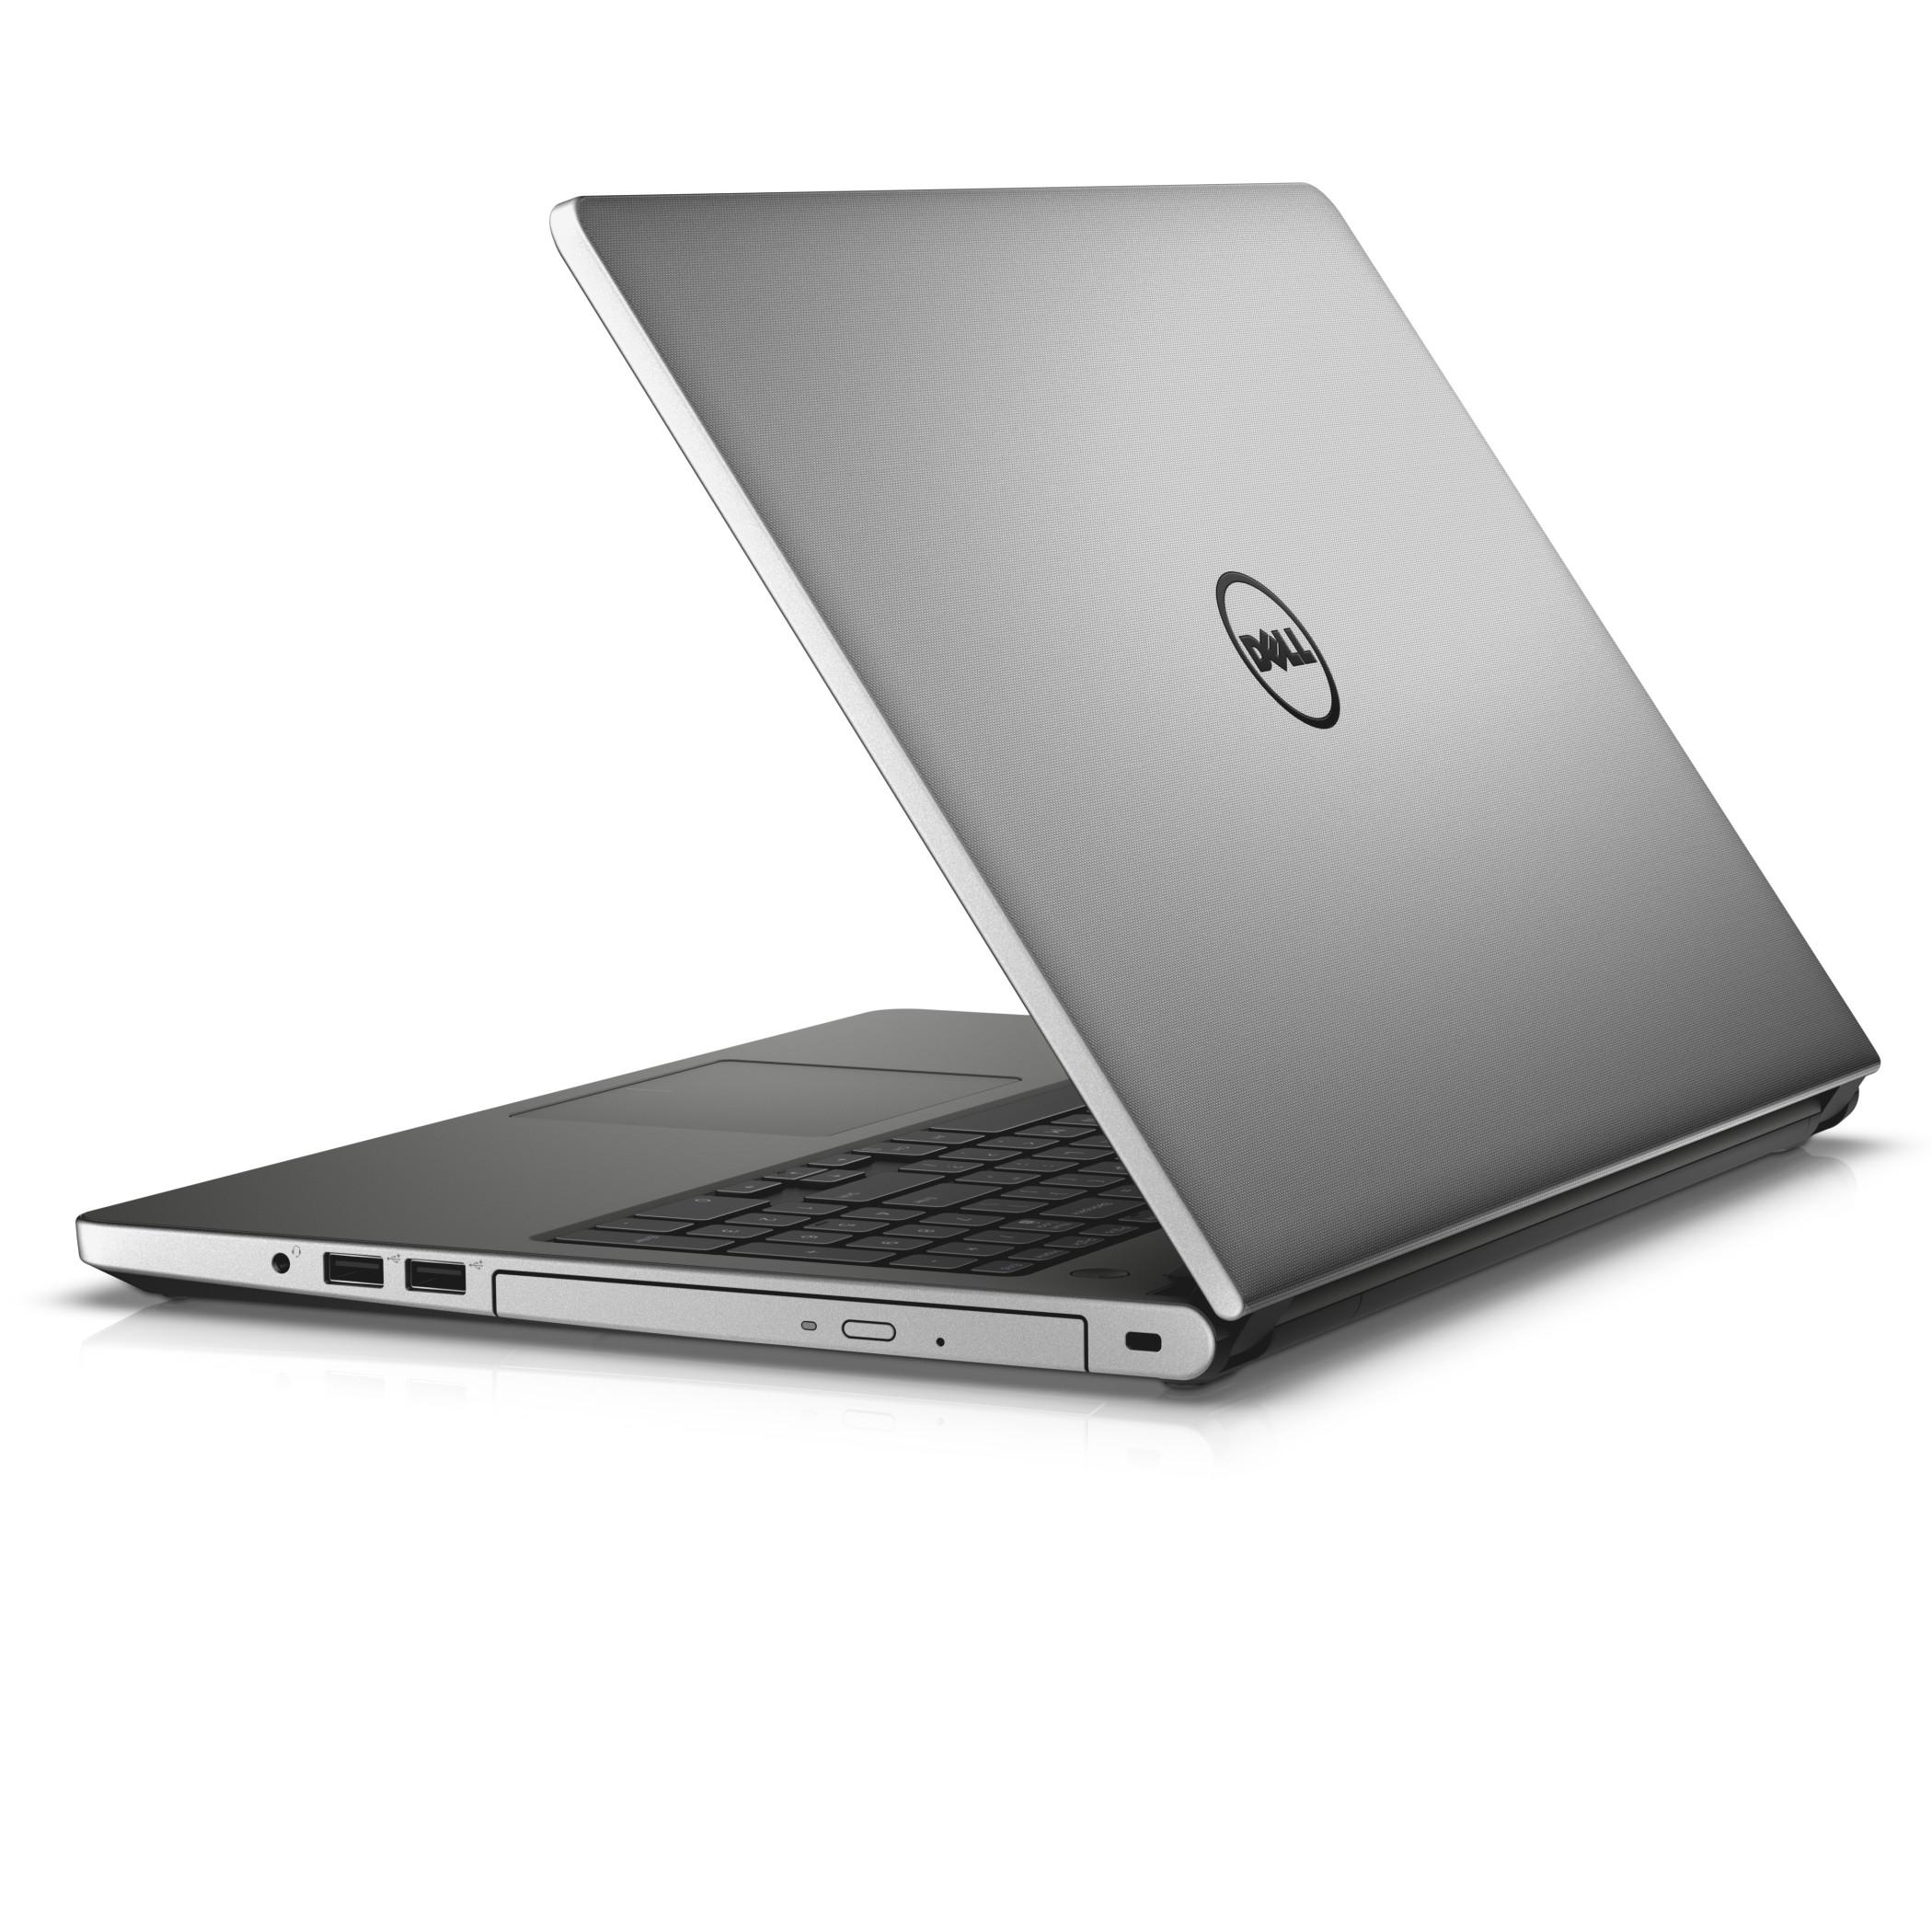 """Dell Inspiron 5555 15"""" HD/A10-8700P APU/8GB/1TB/R6 M345DX/HDMI/WIFI/BT/W10Pro(64-bit)/3RNB"""